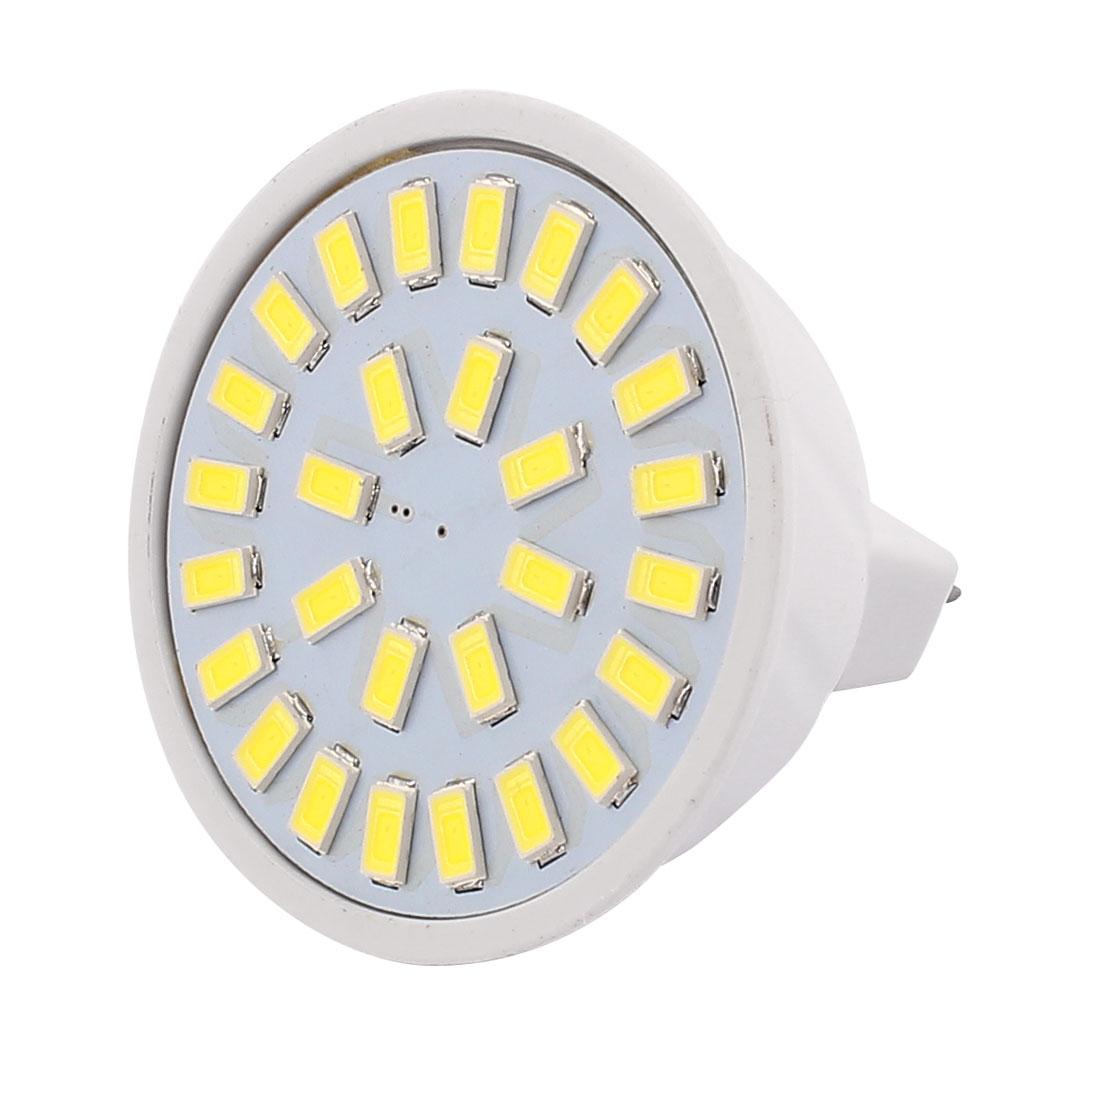 220V 5W MR16 5730 SMD 28 LEDs LED Bulb Light Spotlight Lamp White